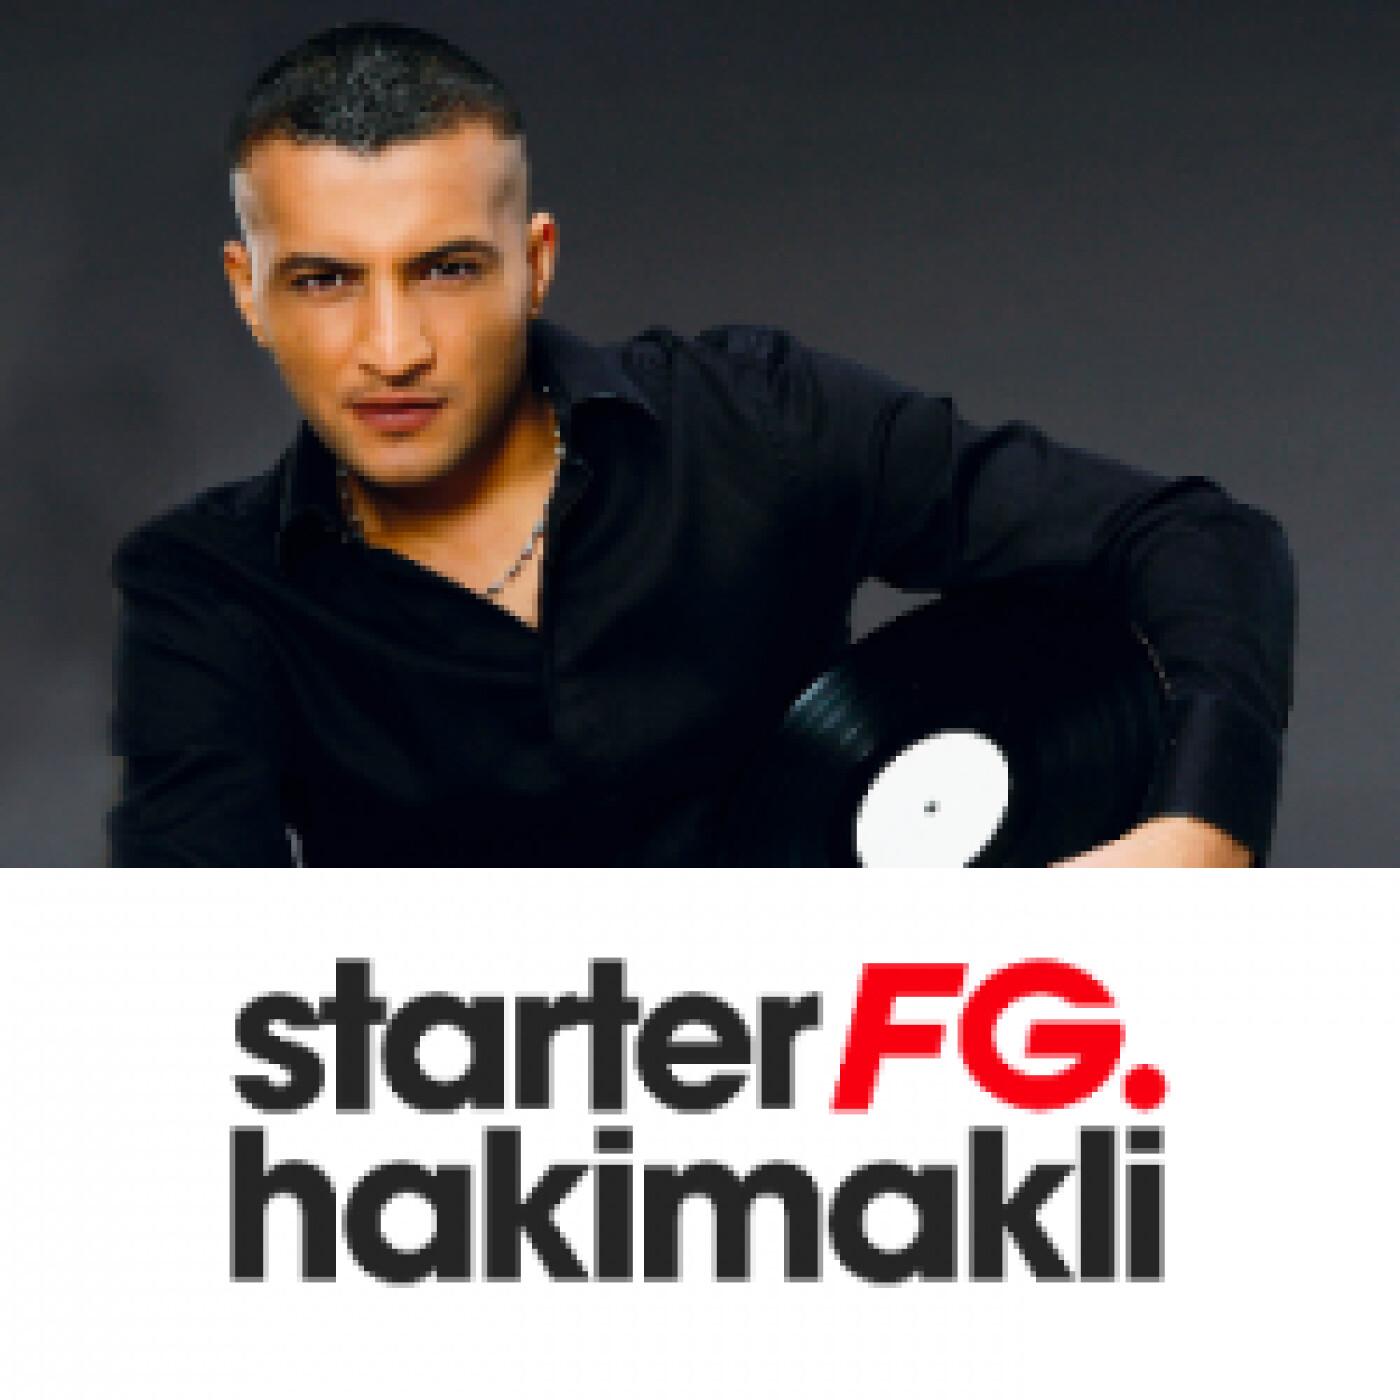 STARTER FG BY HAKIMAKLI LUNDI 29 MARS 2021